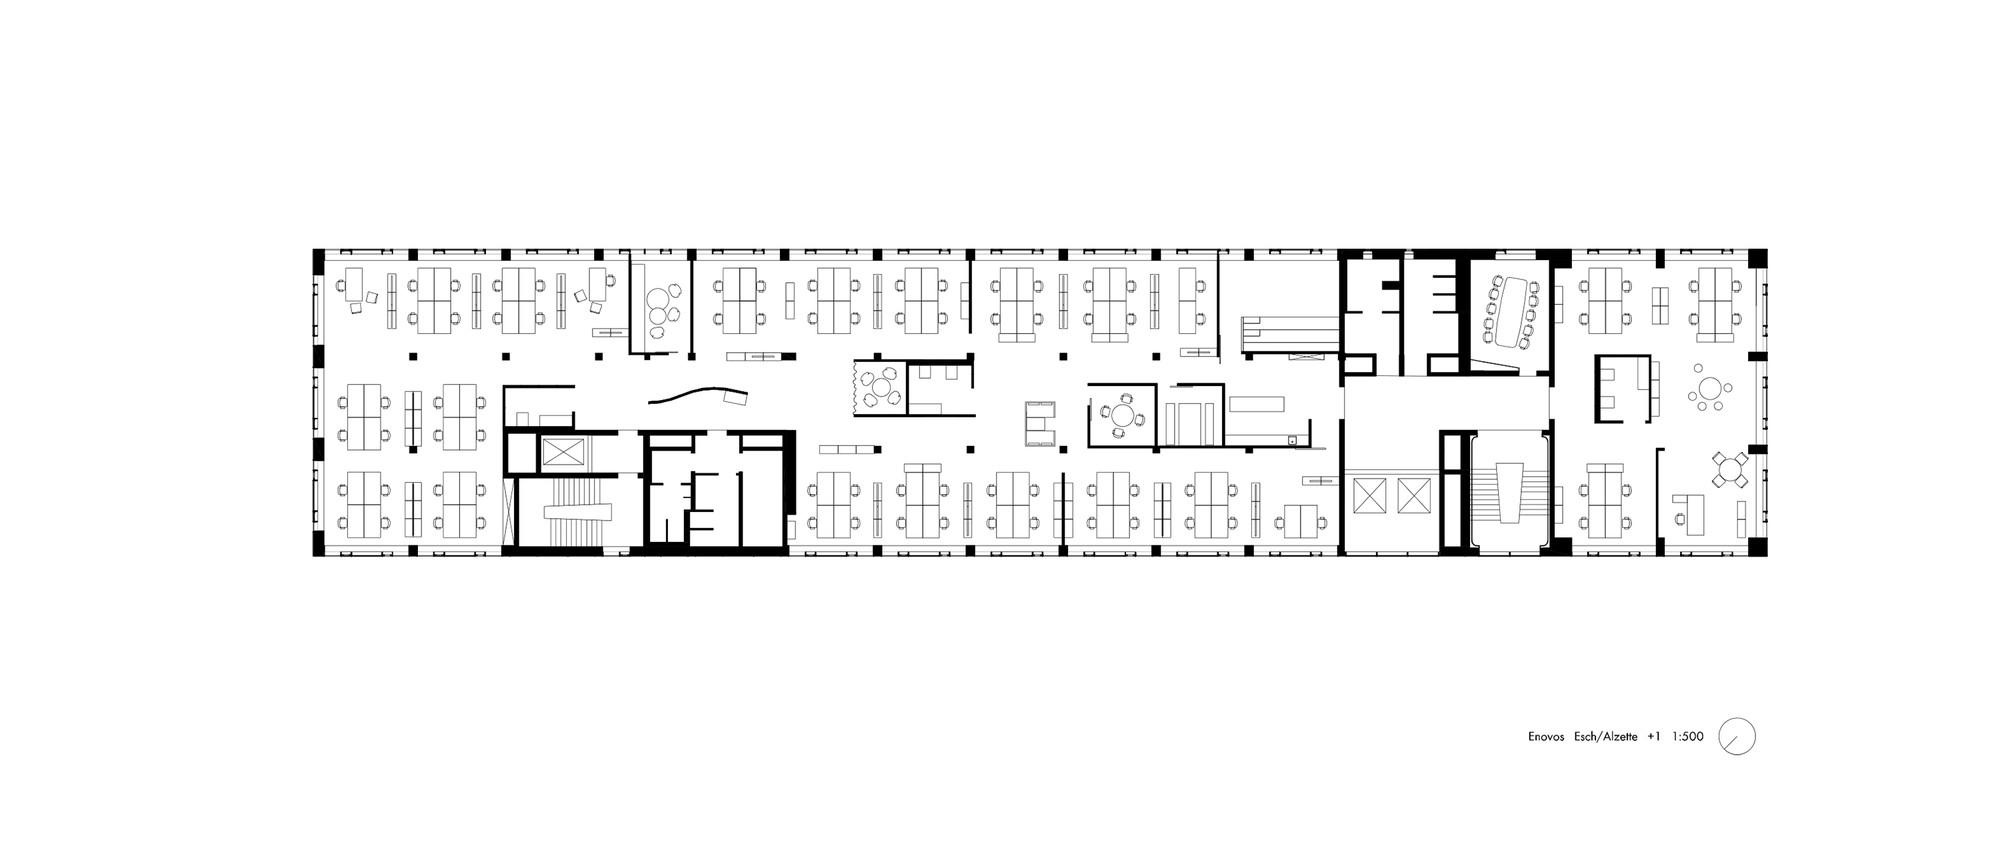 gallery of enovos luxembourg headquarter jim clemes atelier d architecture et de design 10. Black Bedroom Furniture Sets. Home Design Ideas